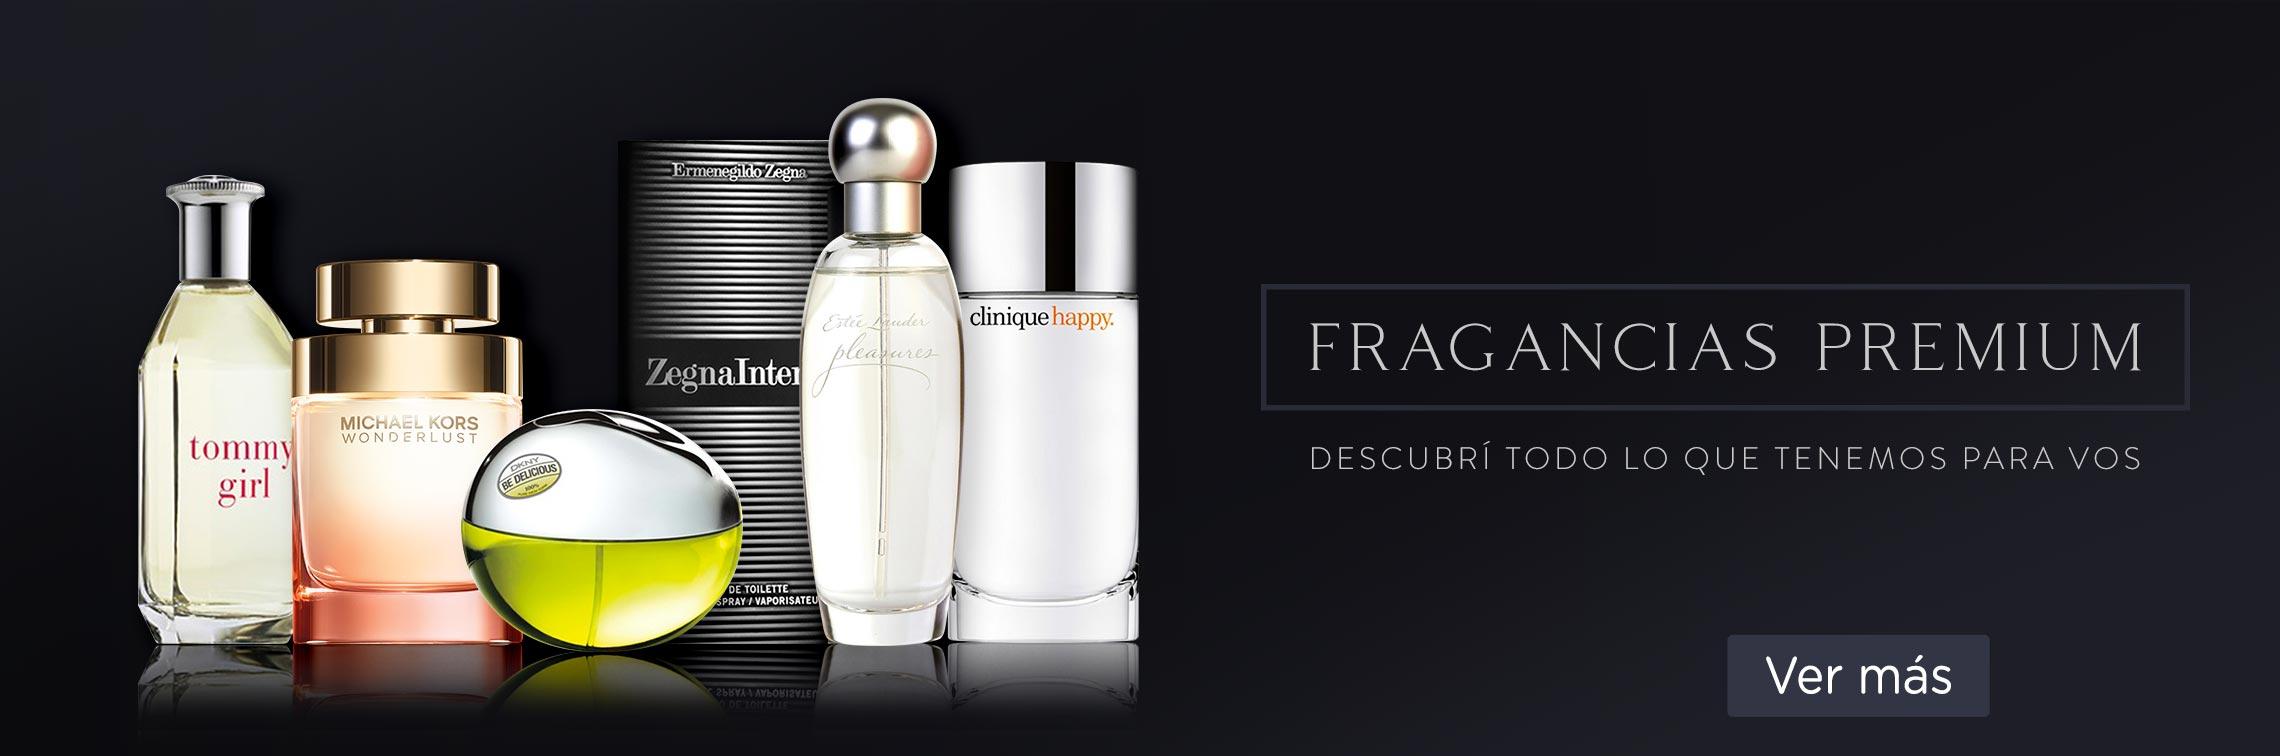 Fragancias Premium